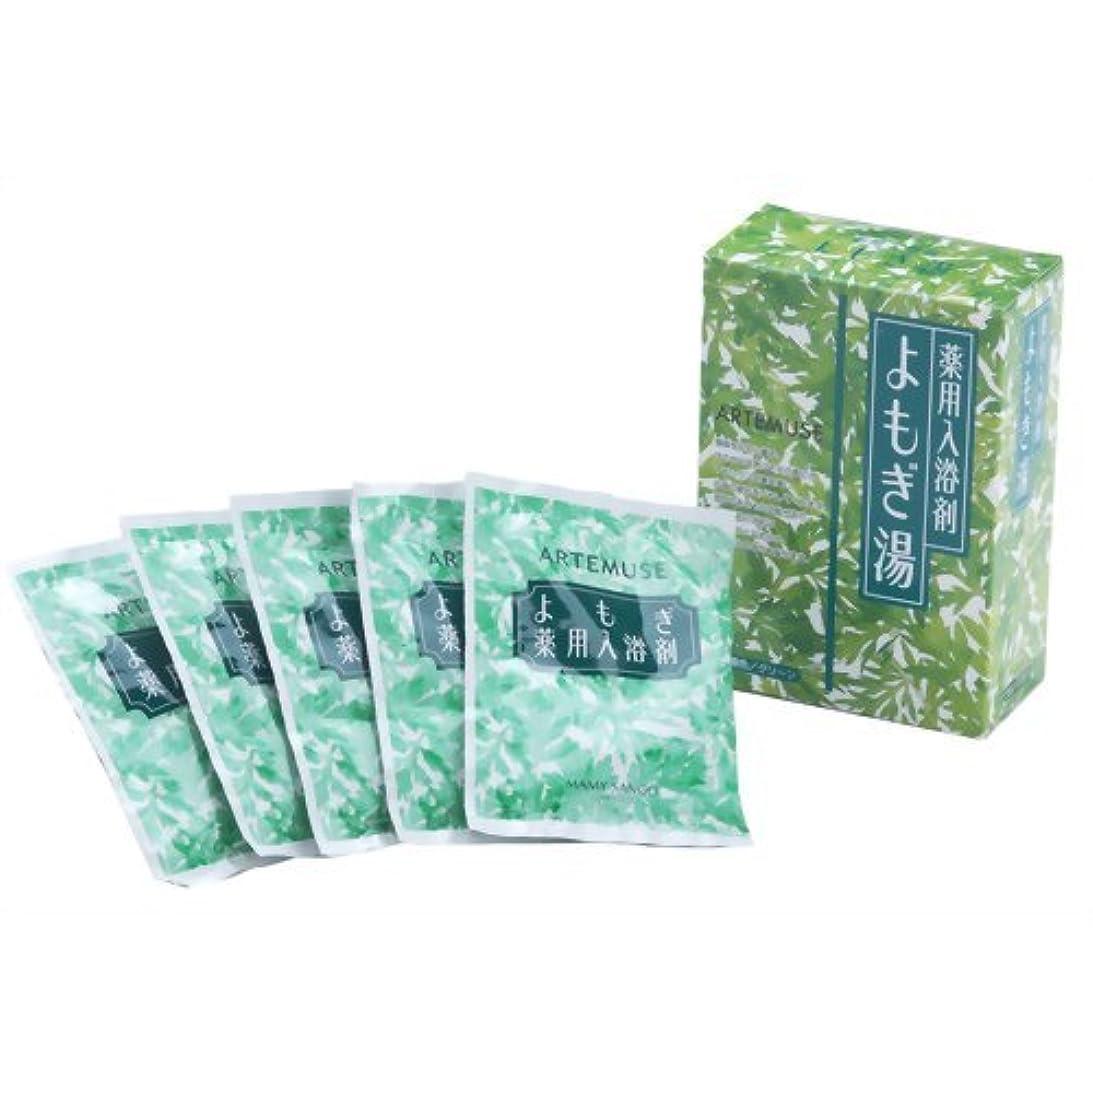 仮説まともなフィヨルド三興物産 よもぎ薬用シリーズ よもぎ薬用入浴剤 (分包) 30g×5包入